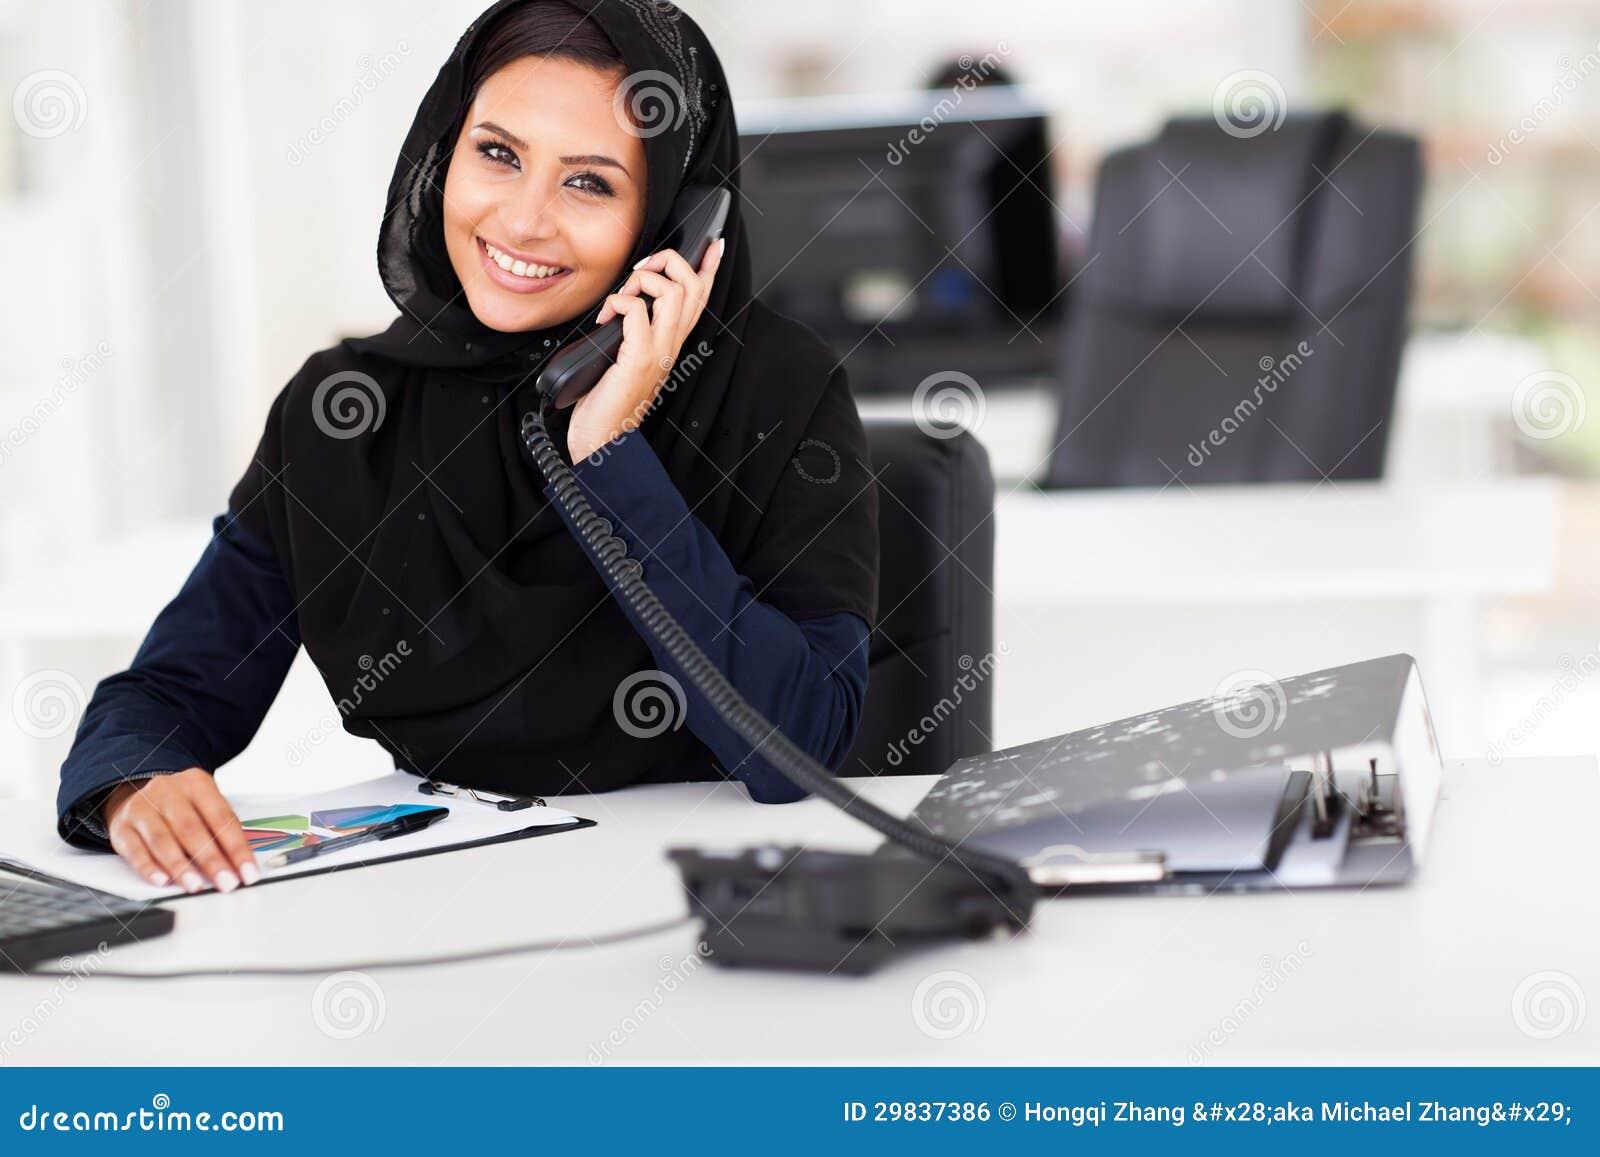 Employé de bureau arabe photo stock image du noir fille